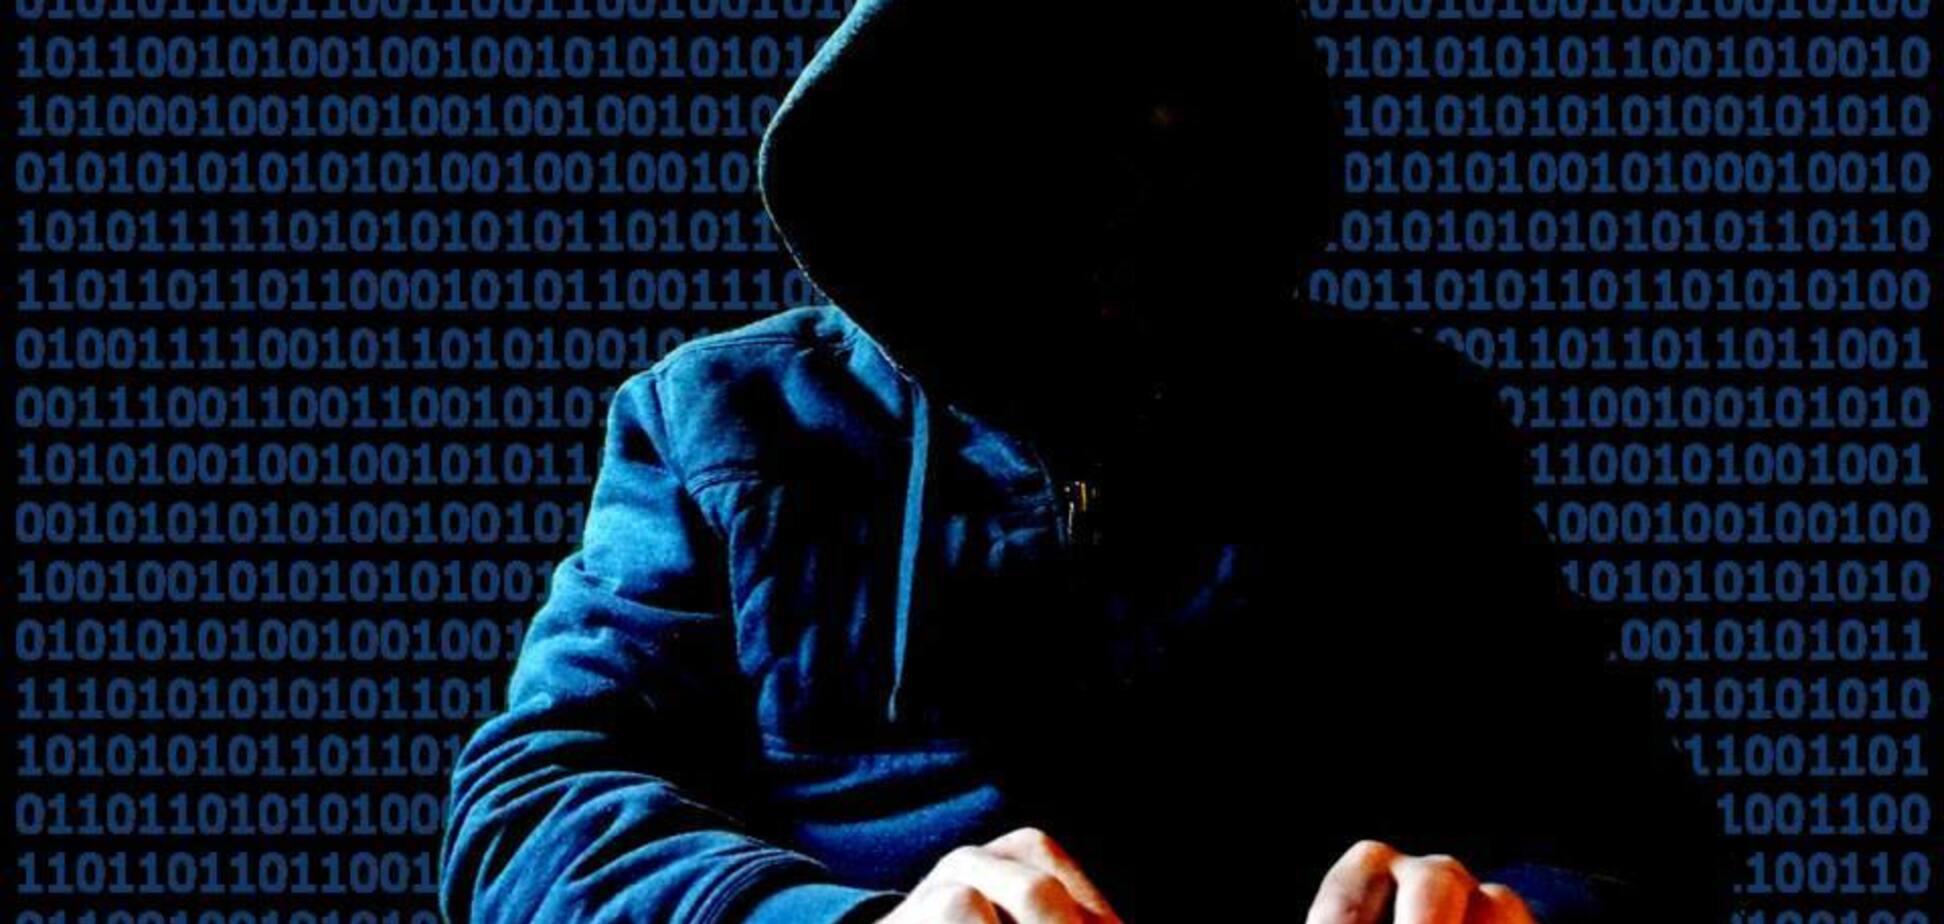 Как не стать жертвой киберпреступников: советы пользователям